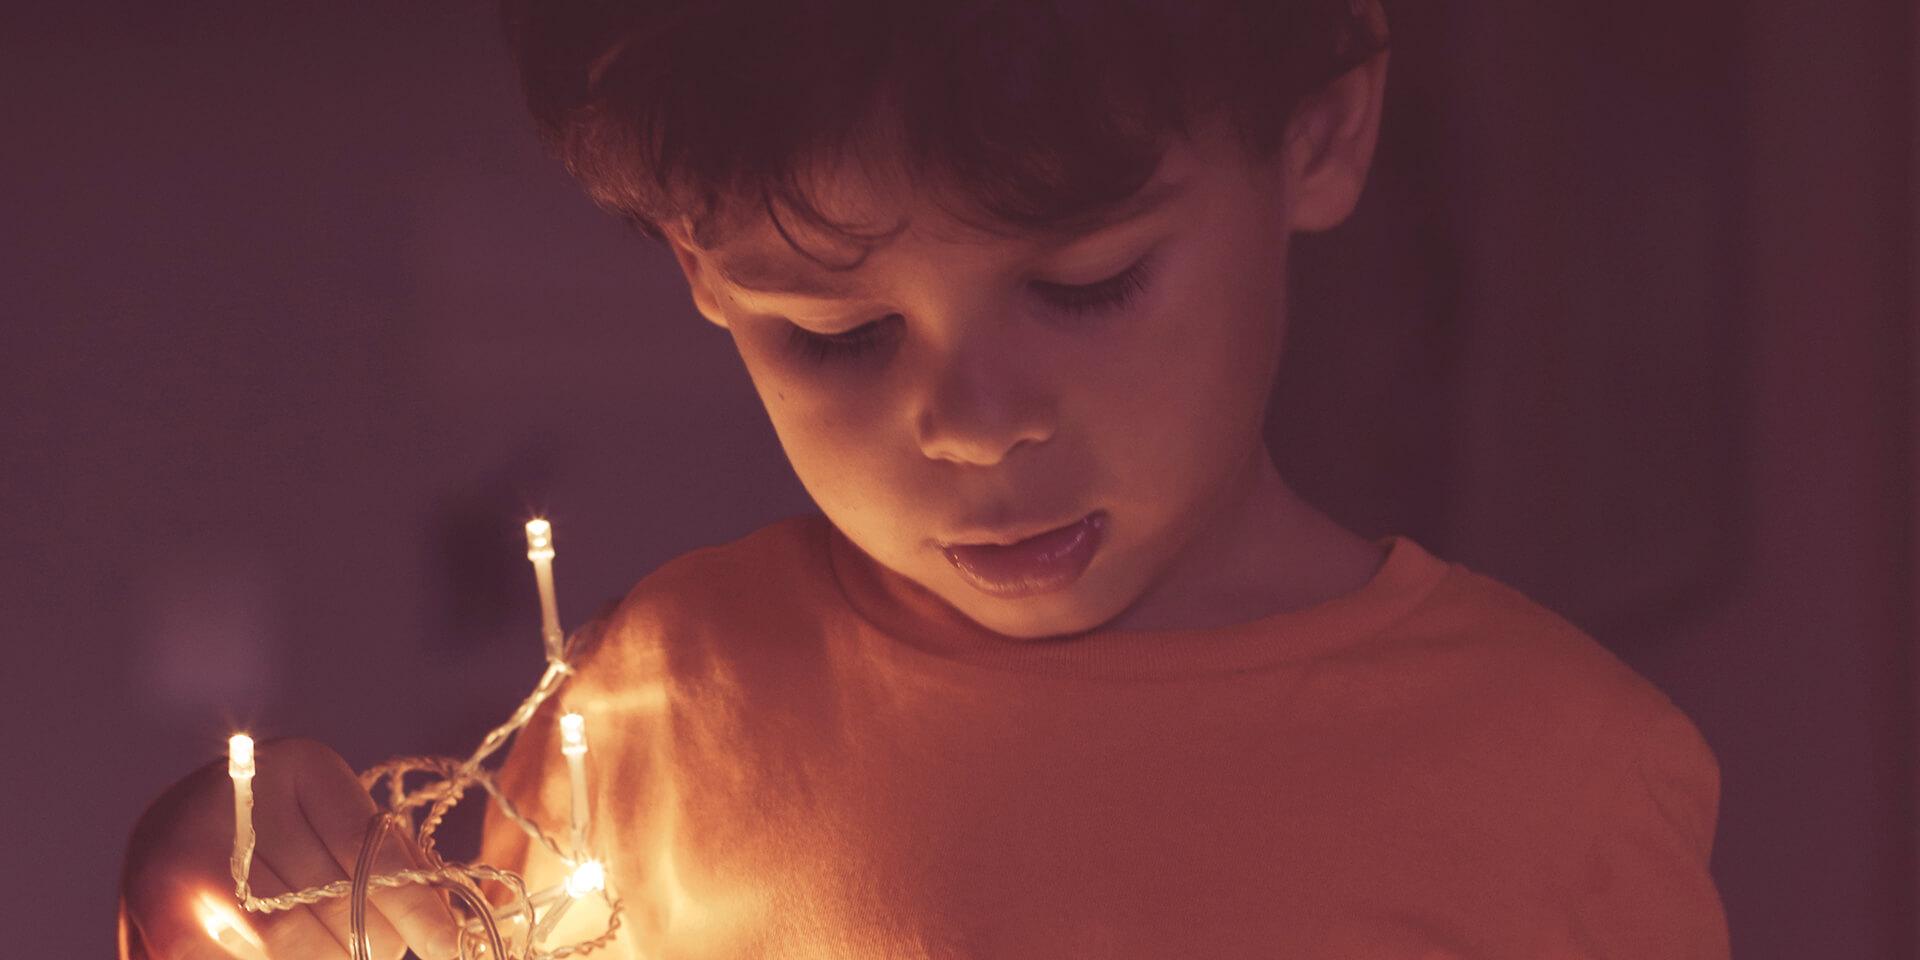 Kleiner Junge mit Lichterkette in der Hand